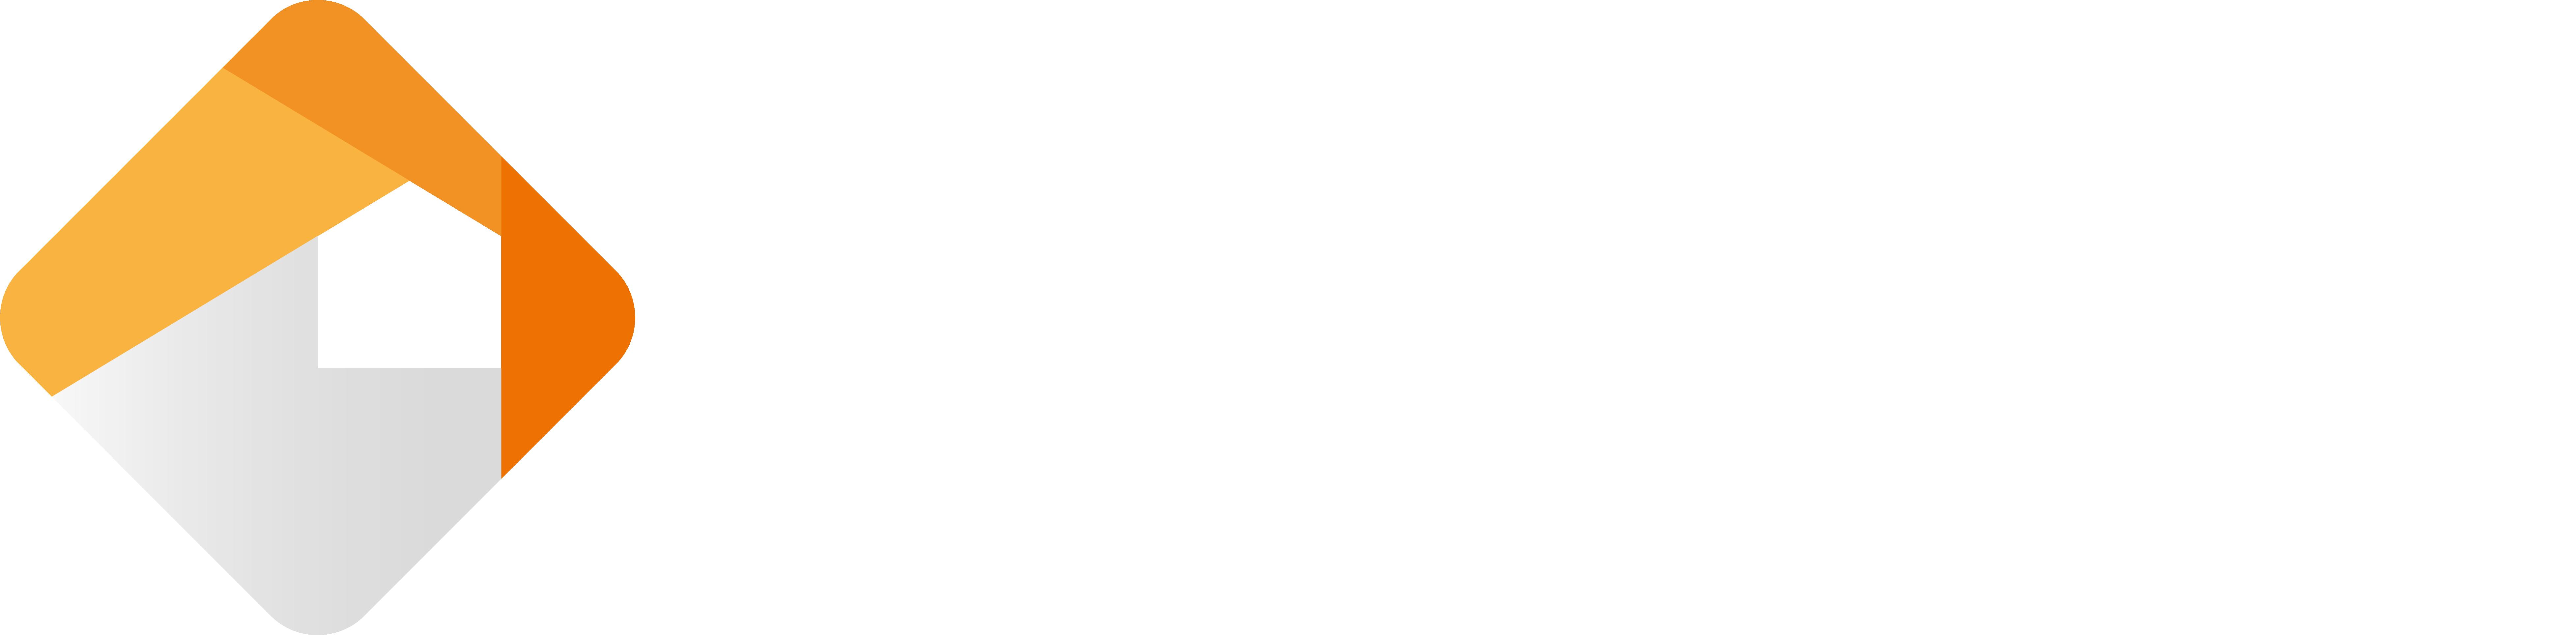 MUXE TOKEN